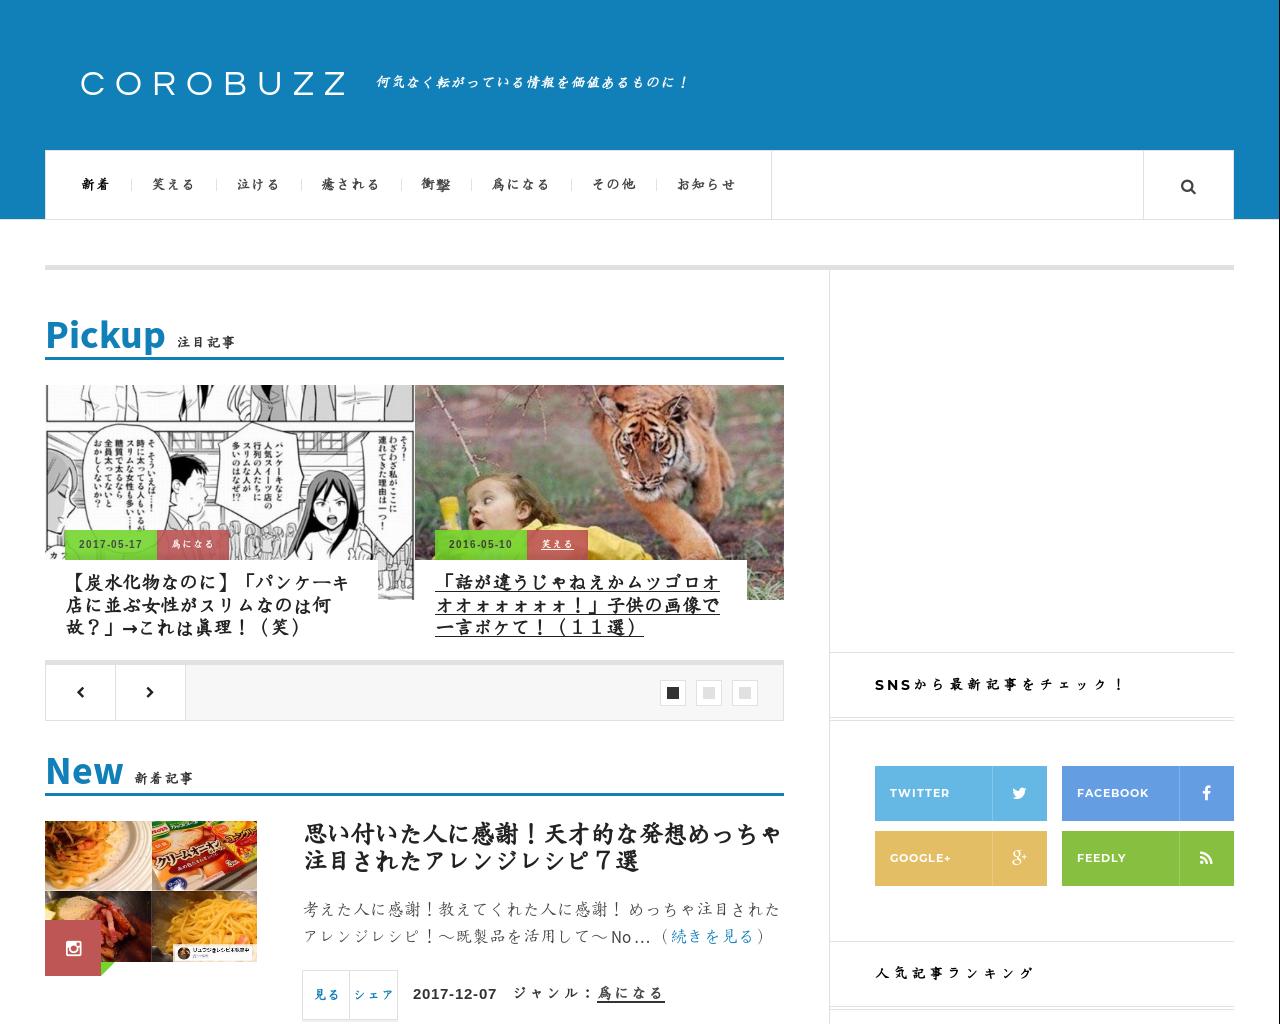 corobuzz.com(2017/12/07 11:46:01)